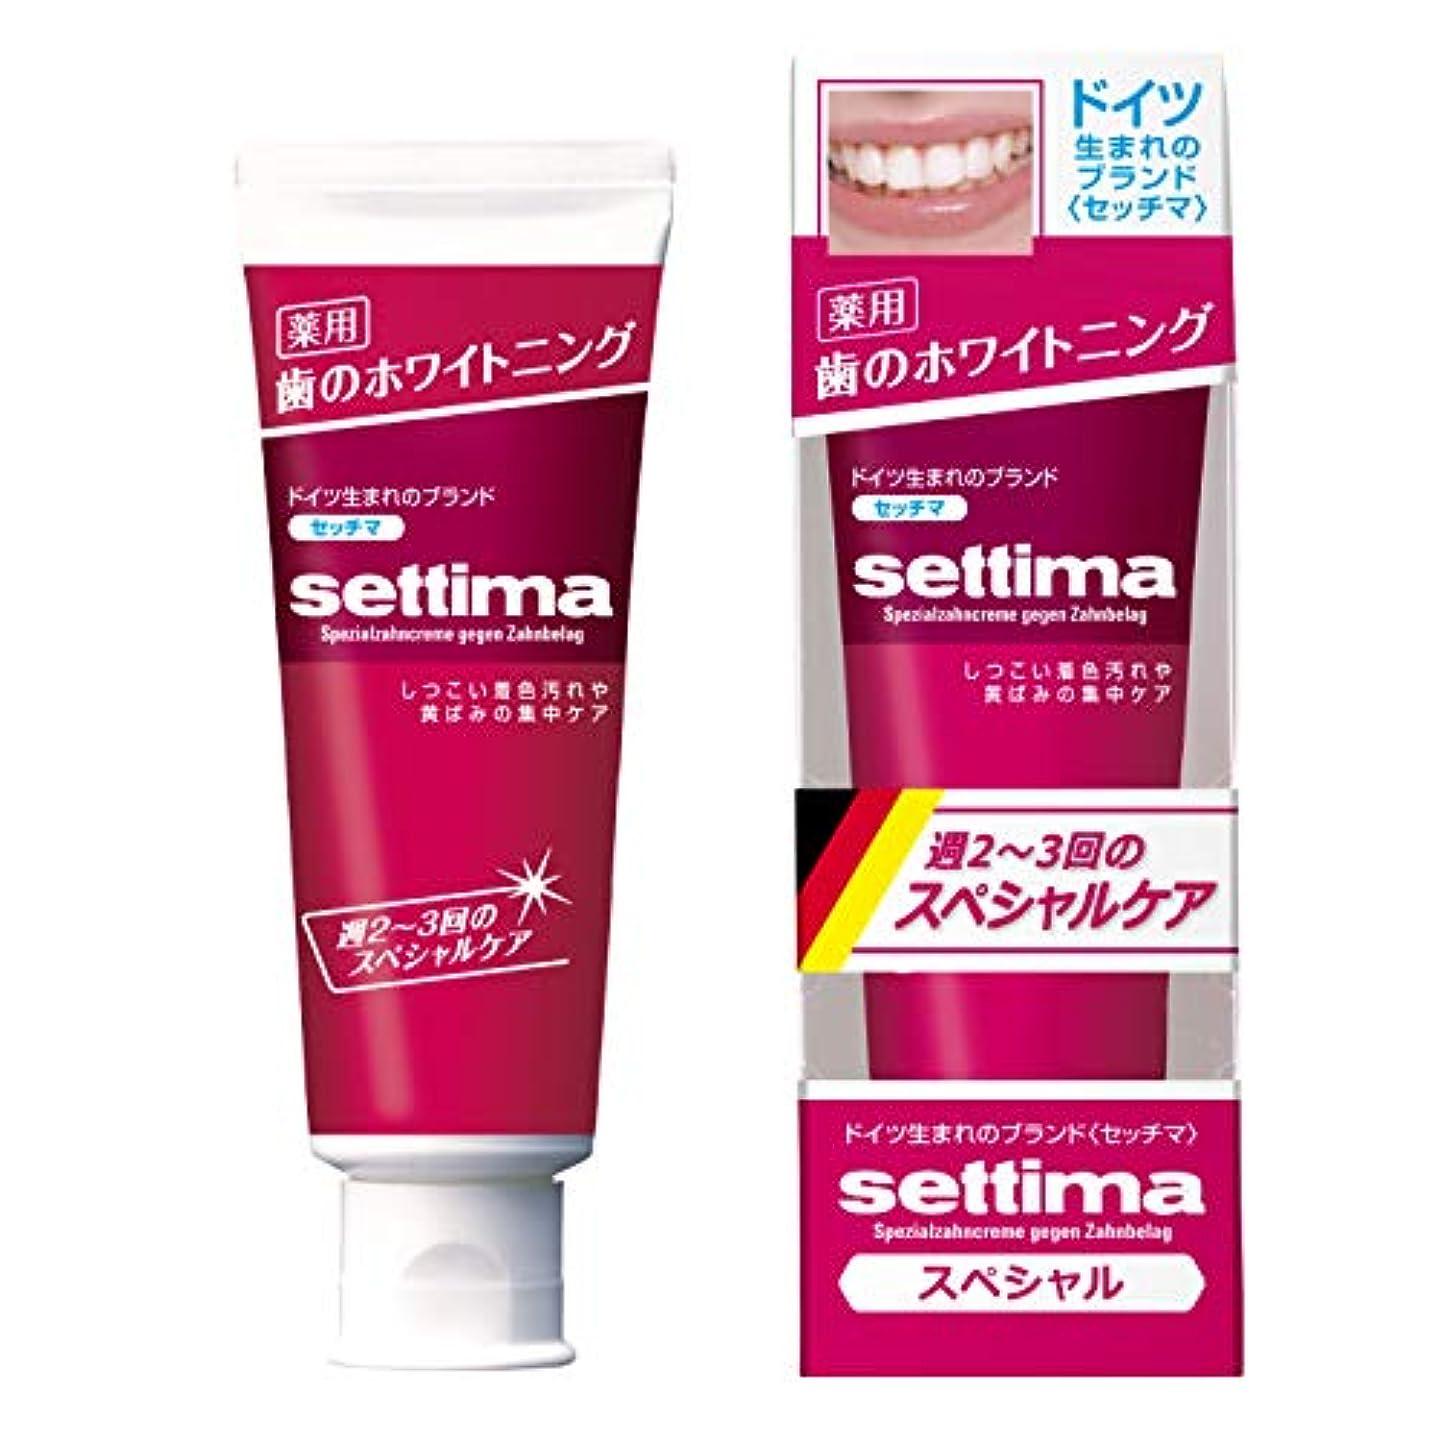 失う航海コマース[医薬部外品] settima(セッチマ) ホワイトニング 歯みがき スペシャルケア [ペパーミントタイプ] <ステインケア タバコのヤニ取り フッ素配合 虫歯予防> 80g